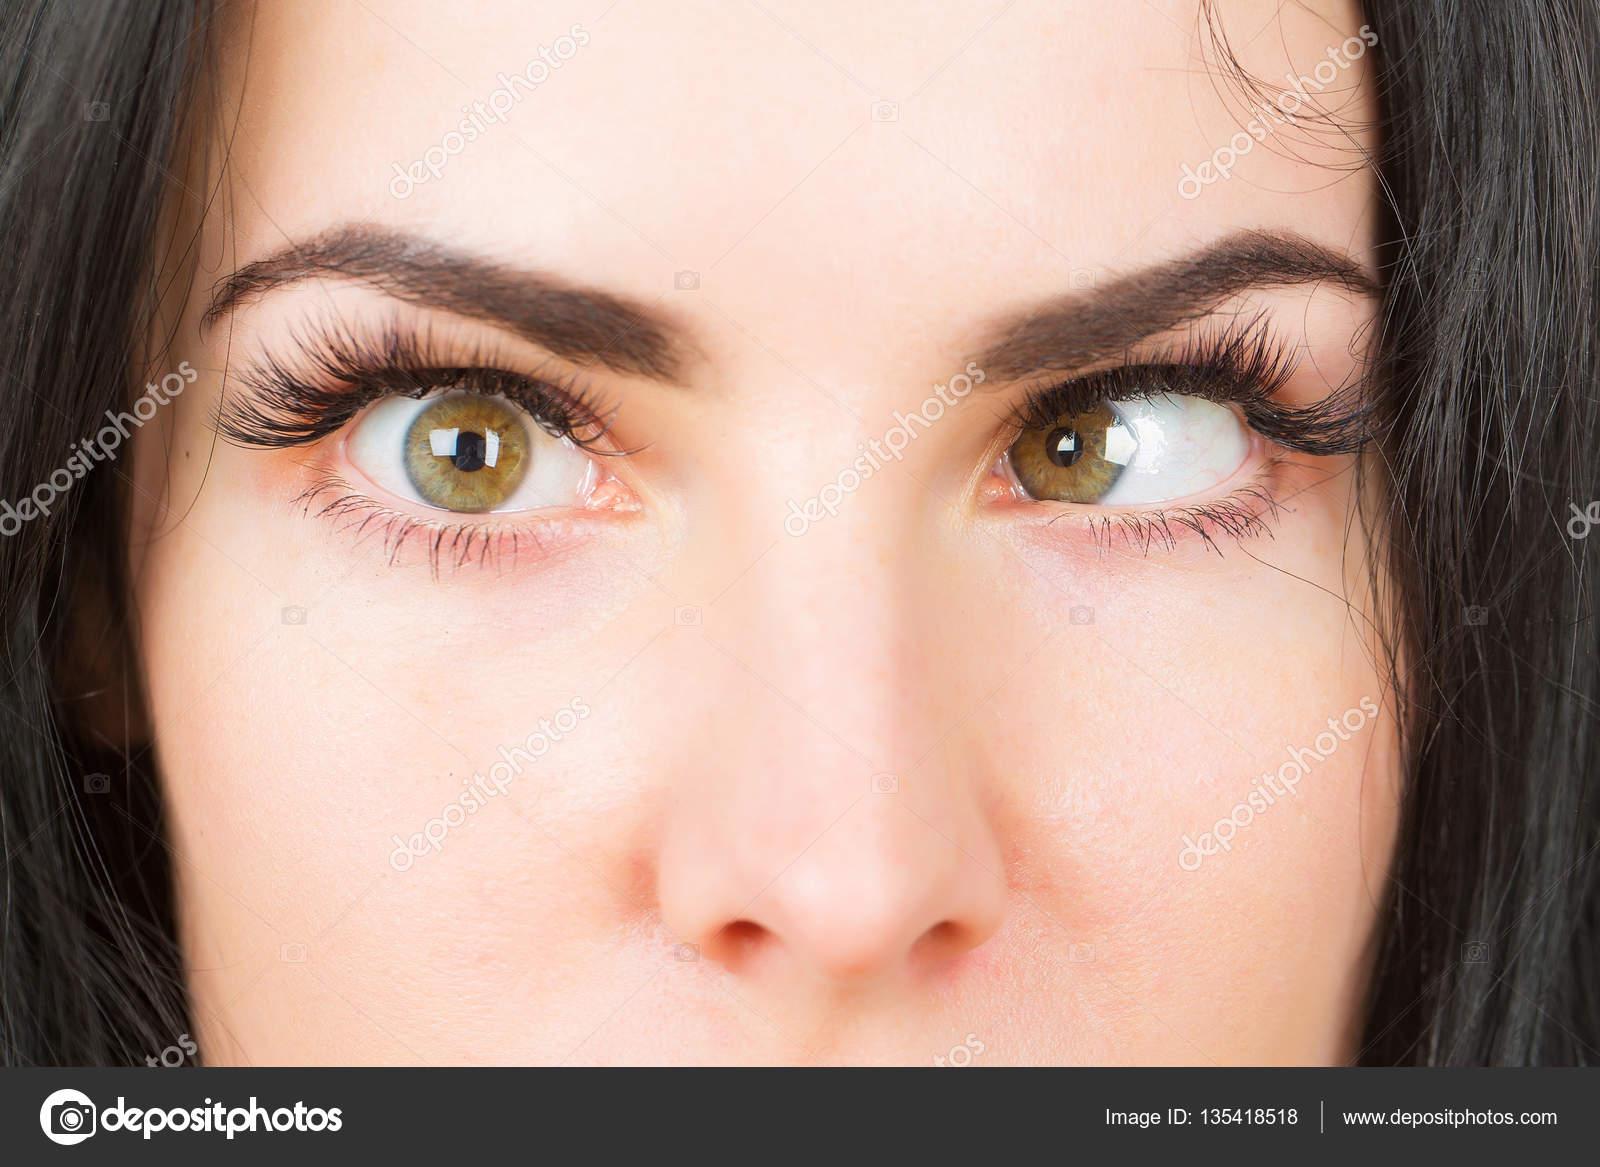 kancsalság őrült női szemmel — Stock Fotó © Tverdohlib.com  135418518 d460bda652